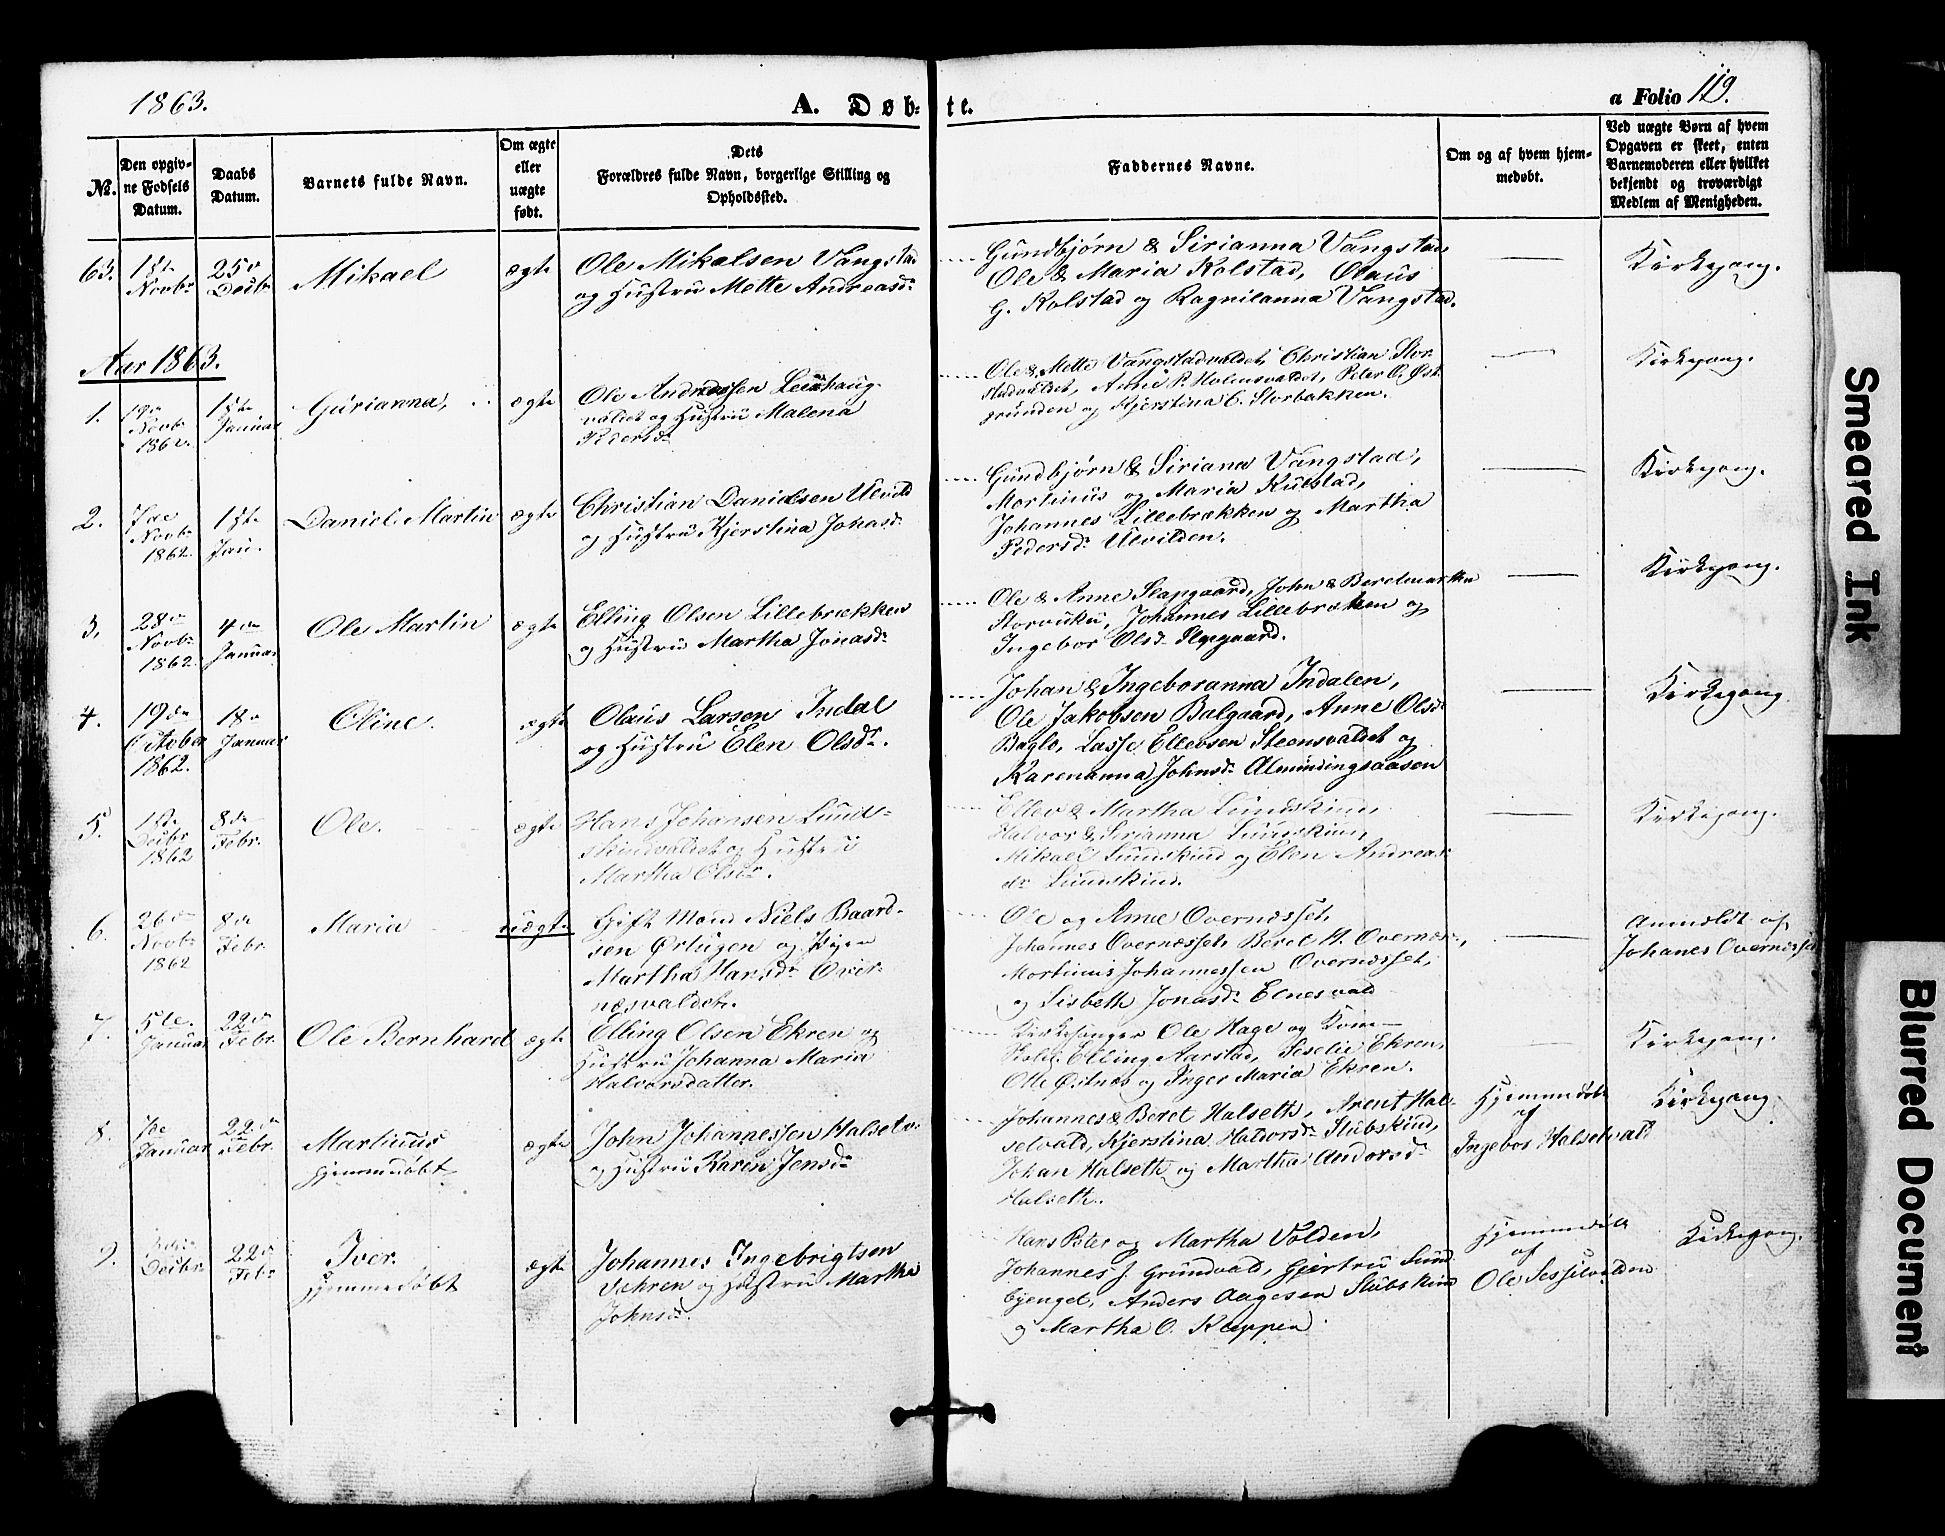 SAT, Ministerialprotokoller, klokkerbøker og fødselsregistre - Nord-Trøndelag, 724/L0268: Klokkerbok nr. 724C04, 1846-1878, s. 119